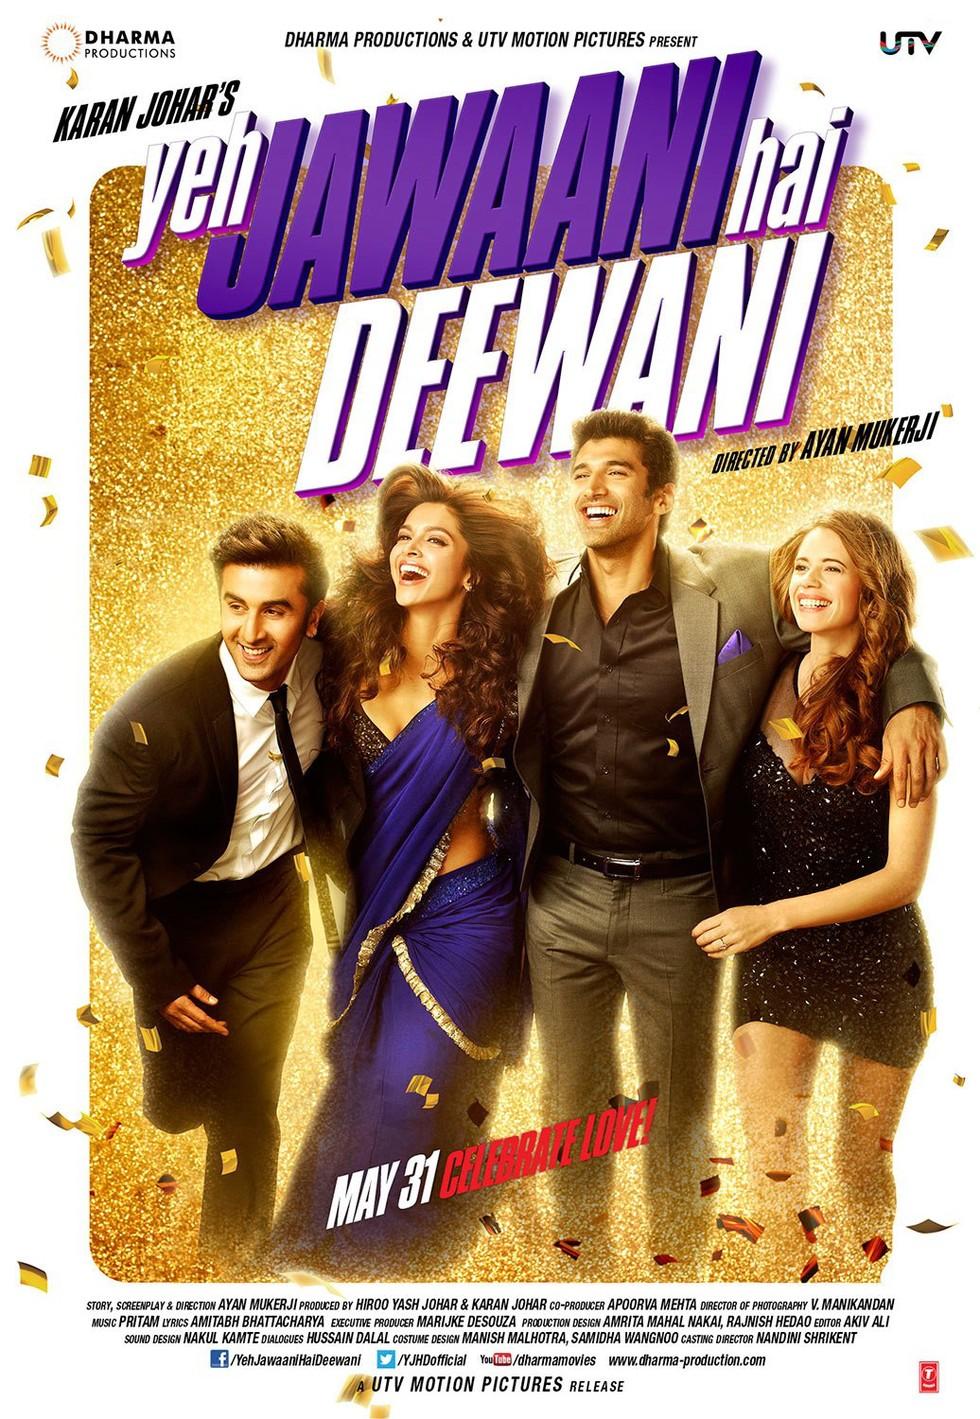 Yeh Jawaani Hai Deewani - Movie Poster #3 (Large)